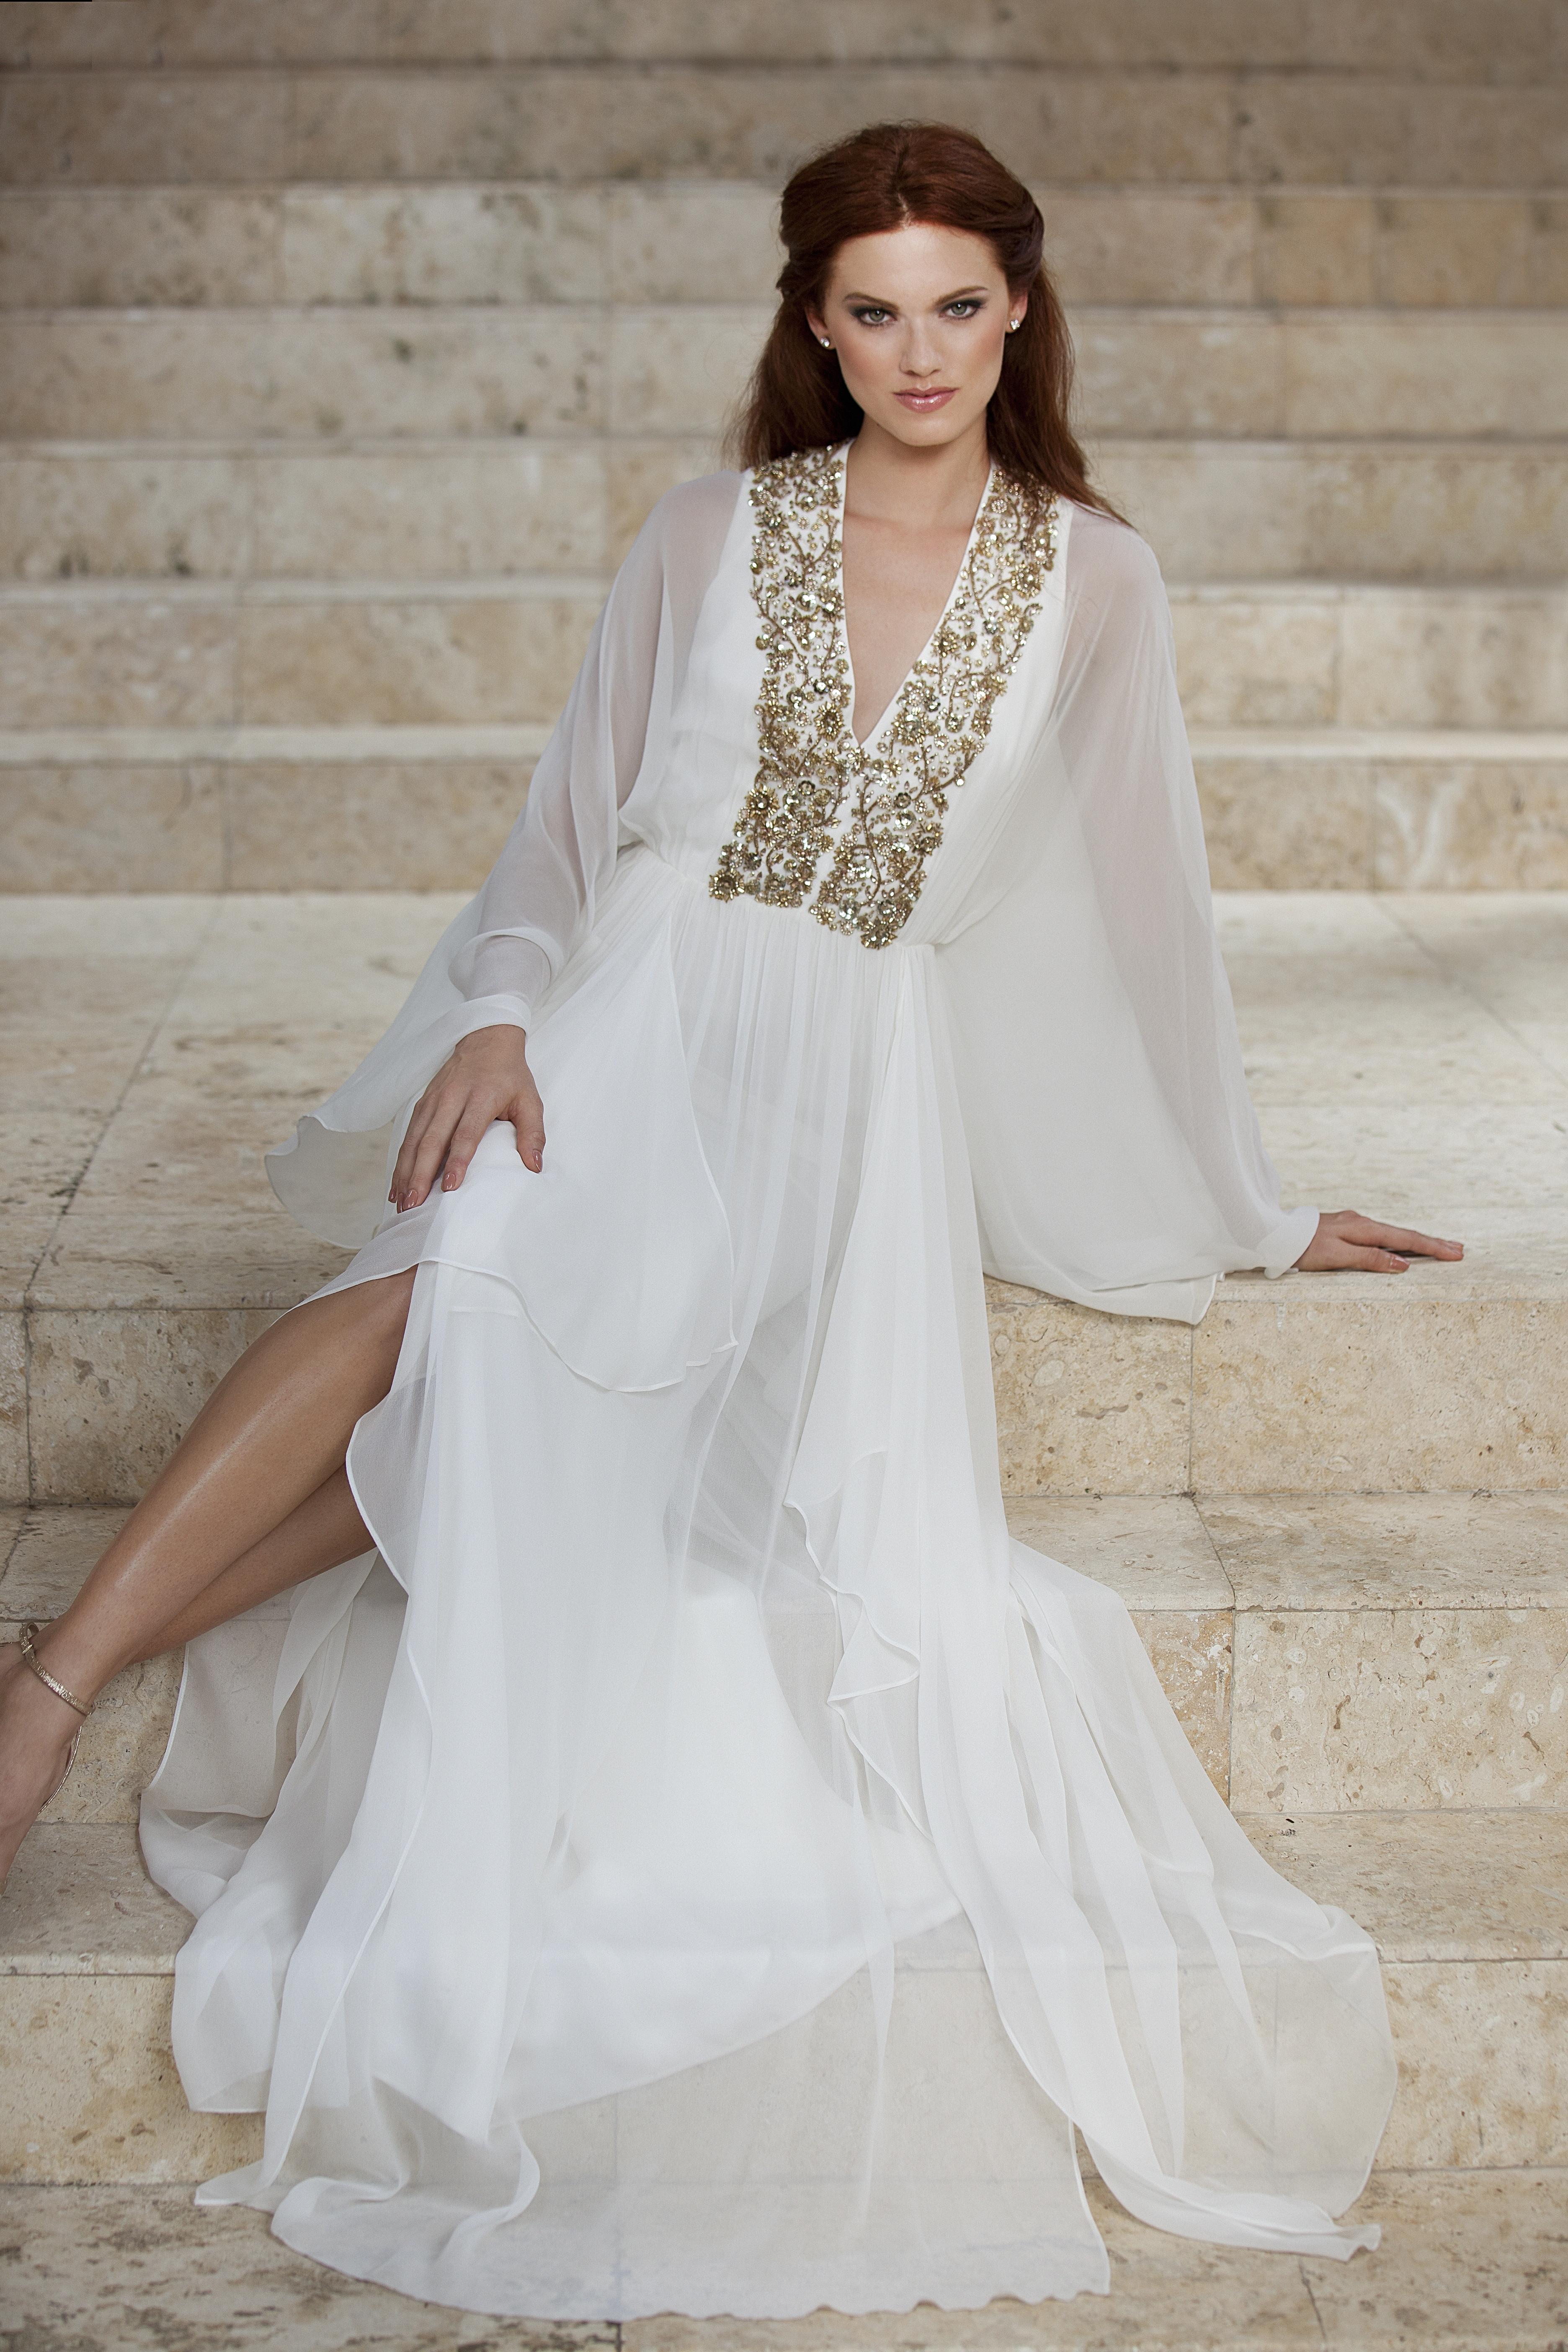 Bridal Services - The MetThe Met